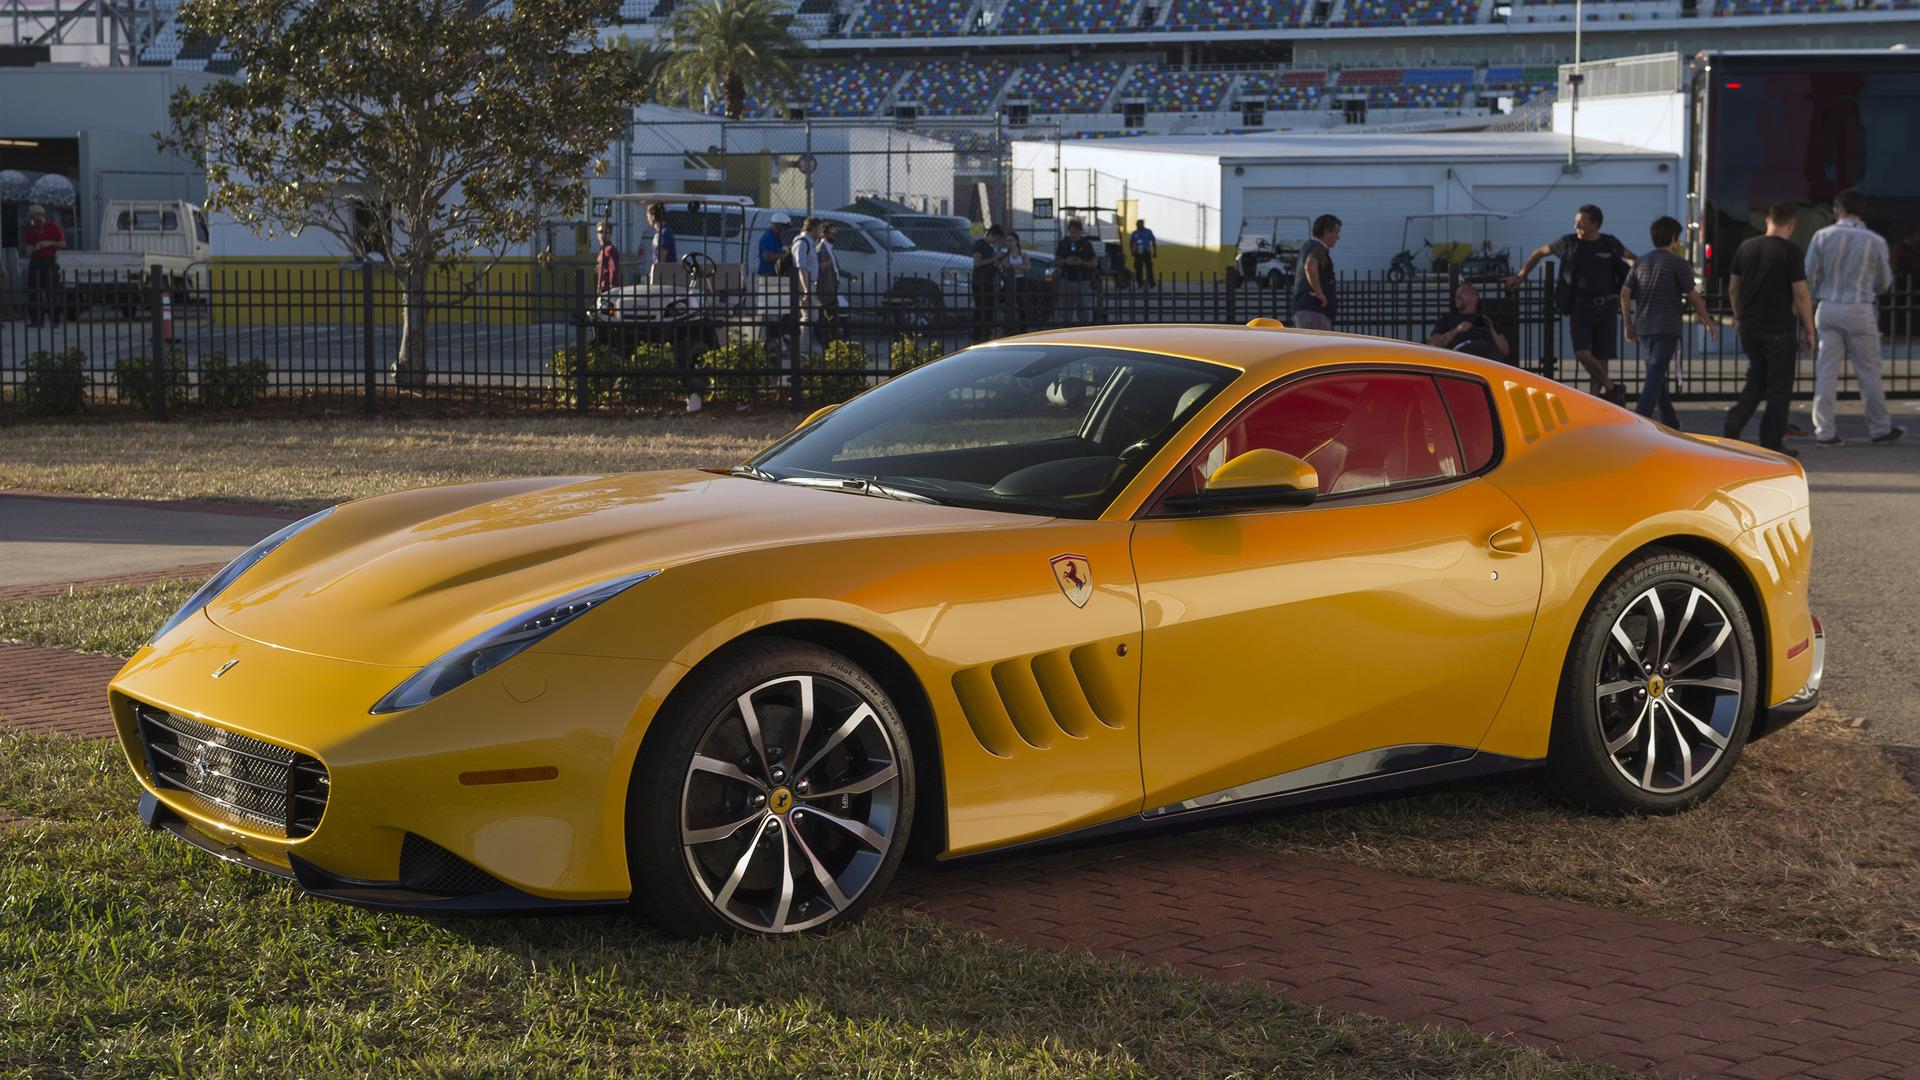 El Ferrari SO275 RW Competizione es un modelo único diseñado para un cliente con mucho dinero.